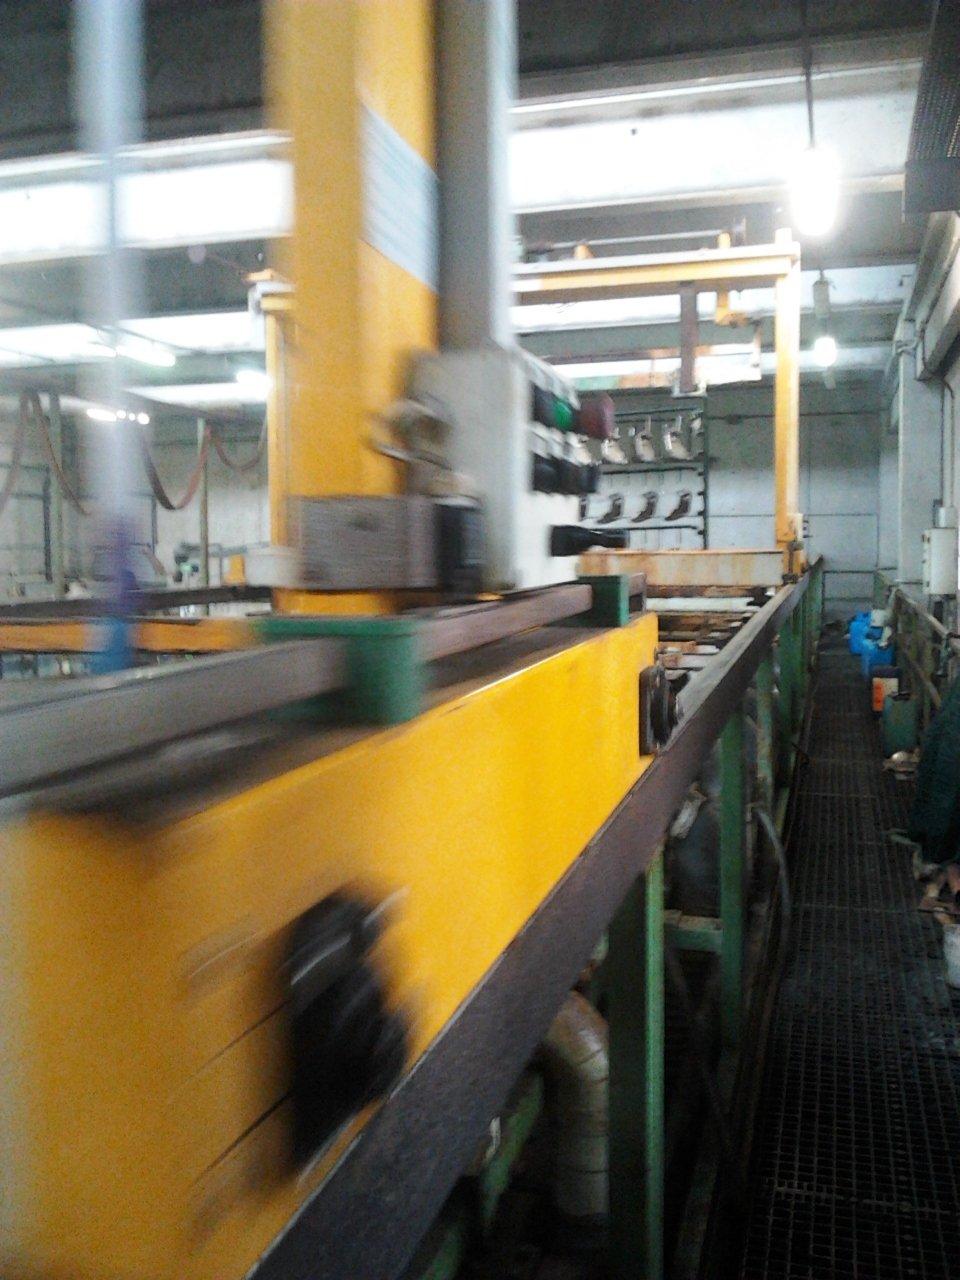 trattamento anti corrosione metalli